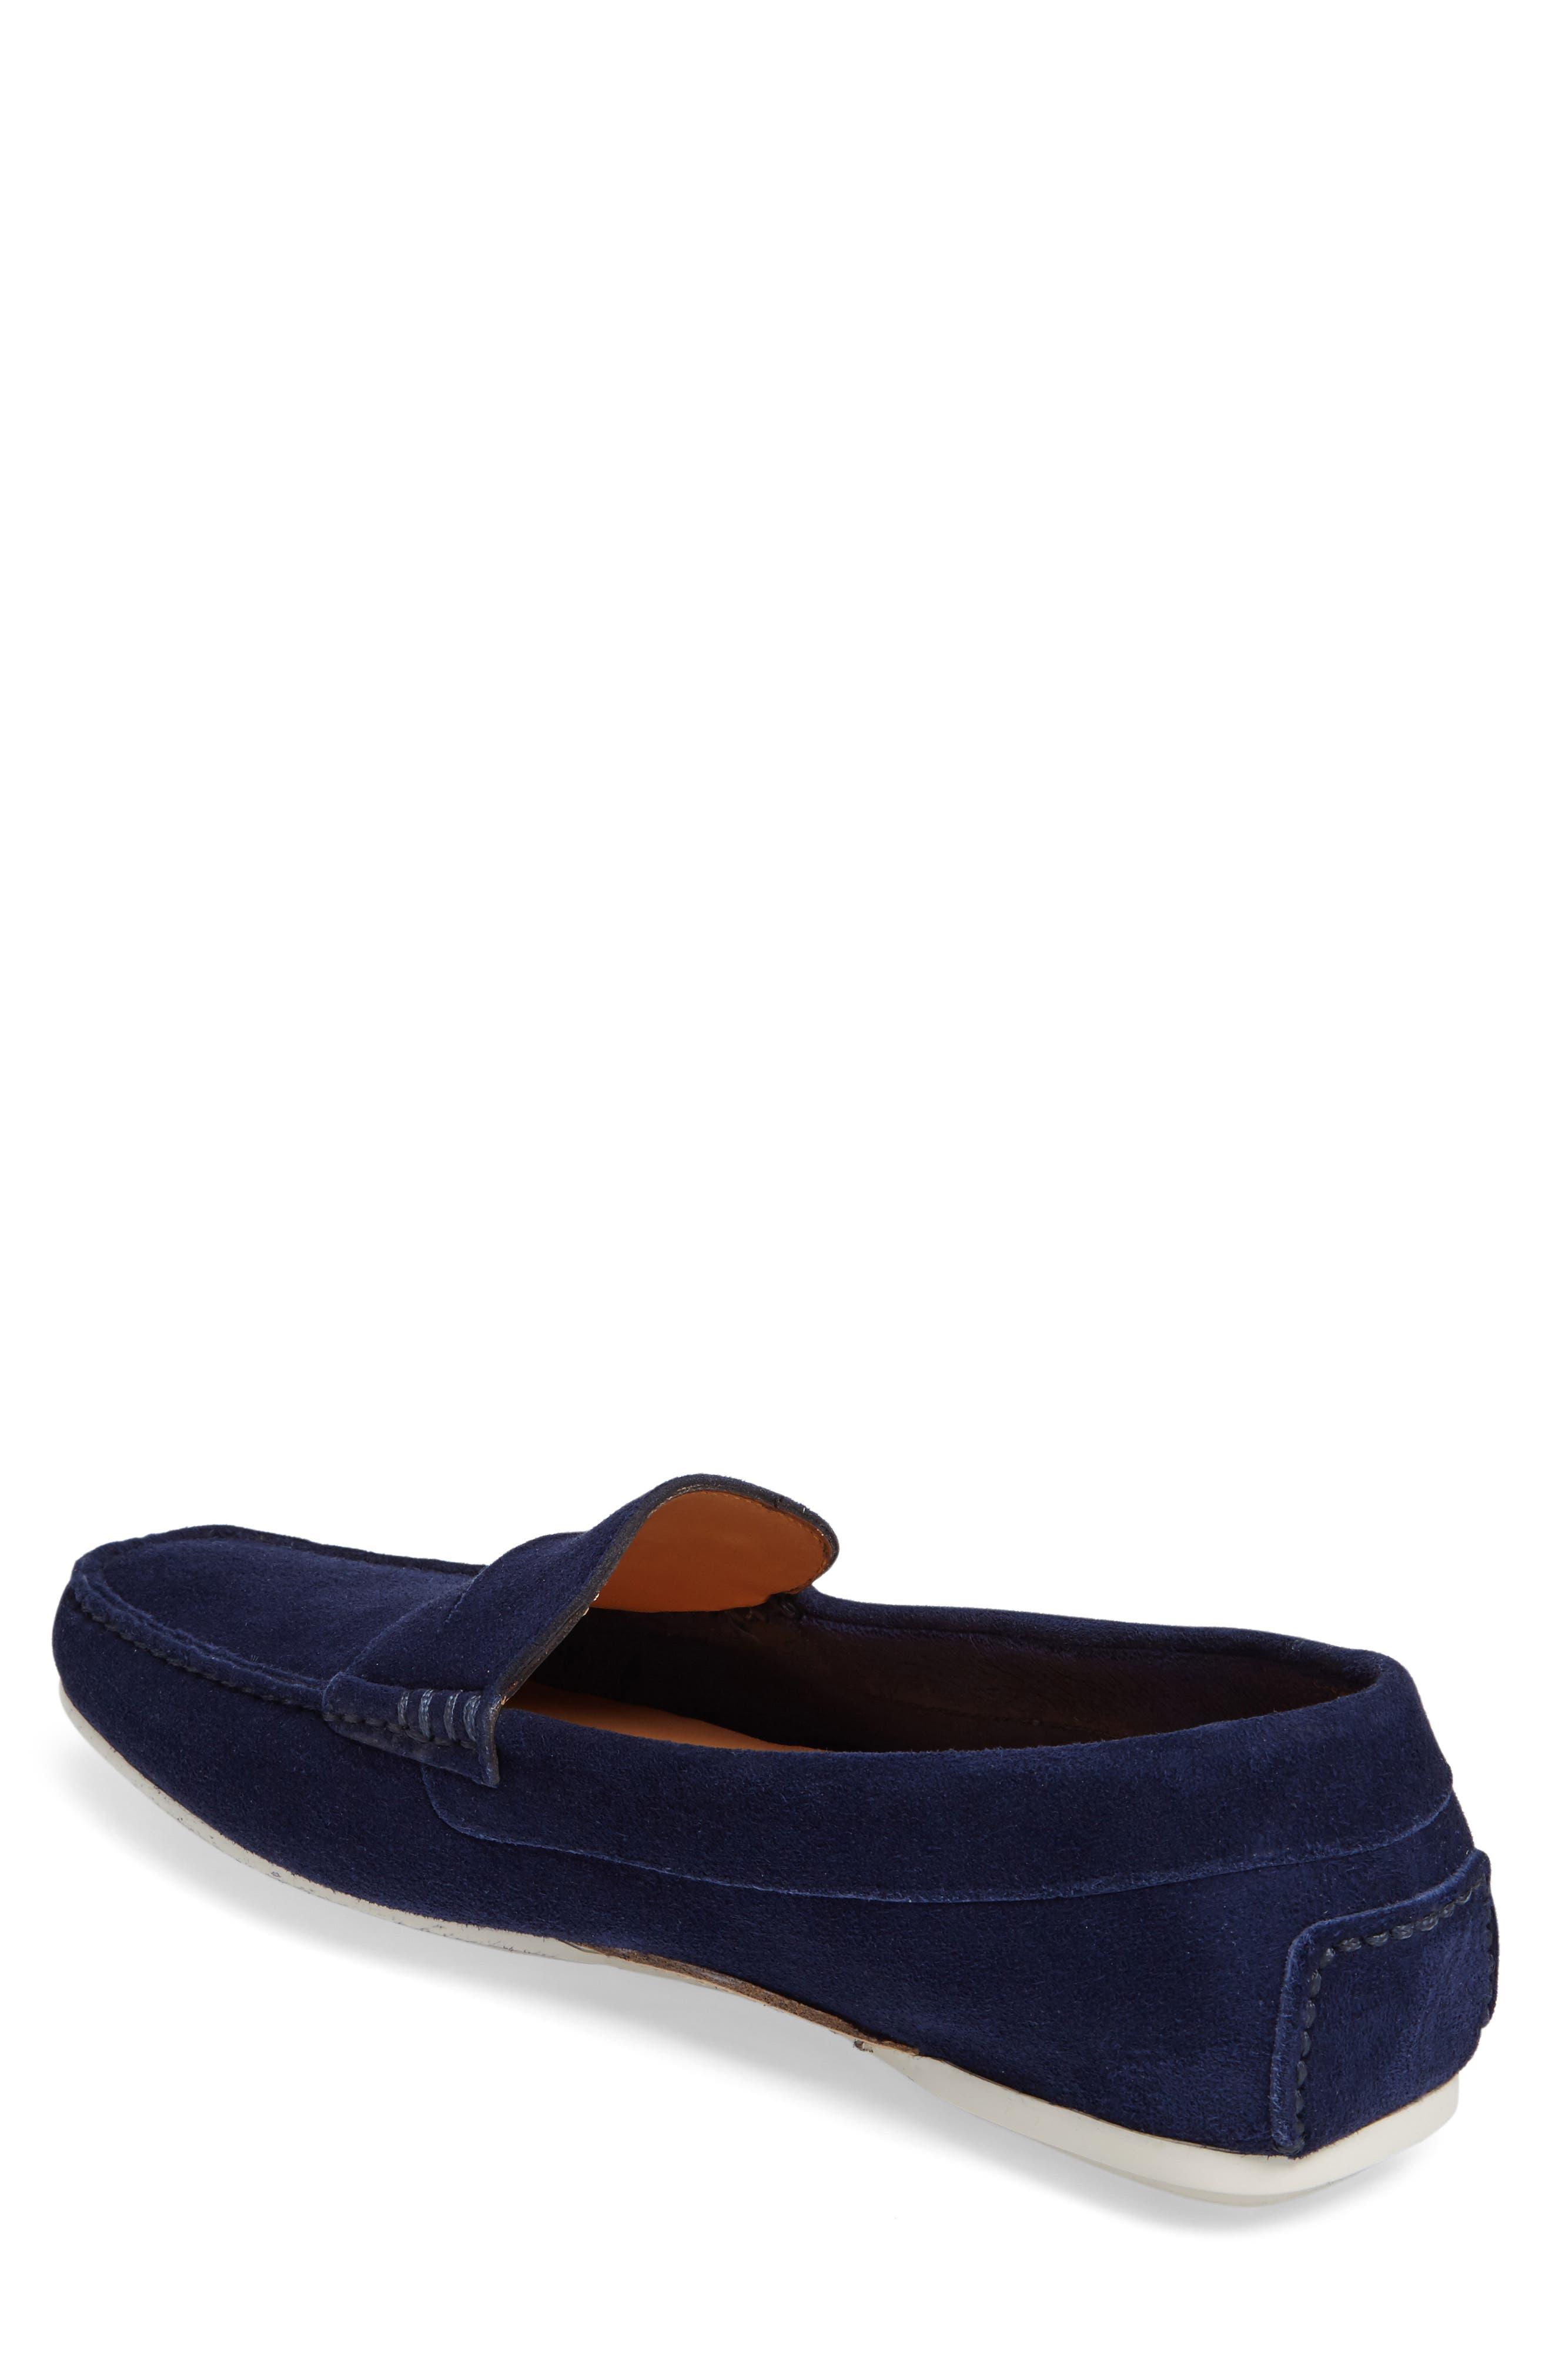 'Tanton' Driving Shoe,                             Alternate thumbnail 2, color,                             Blue Suede